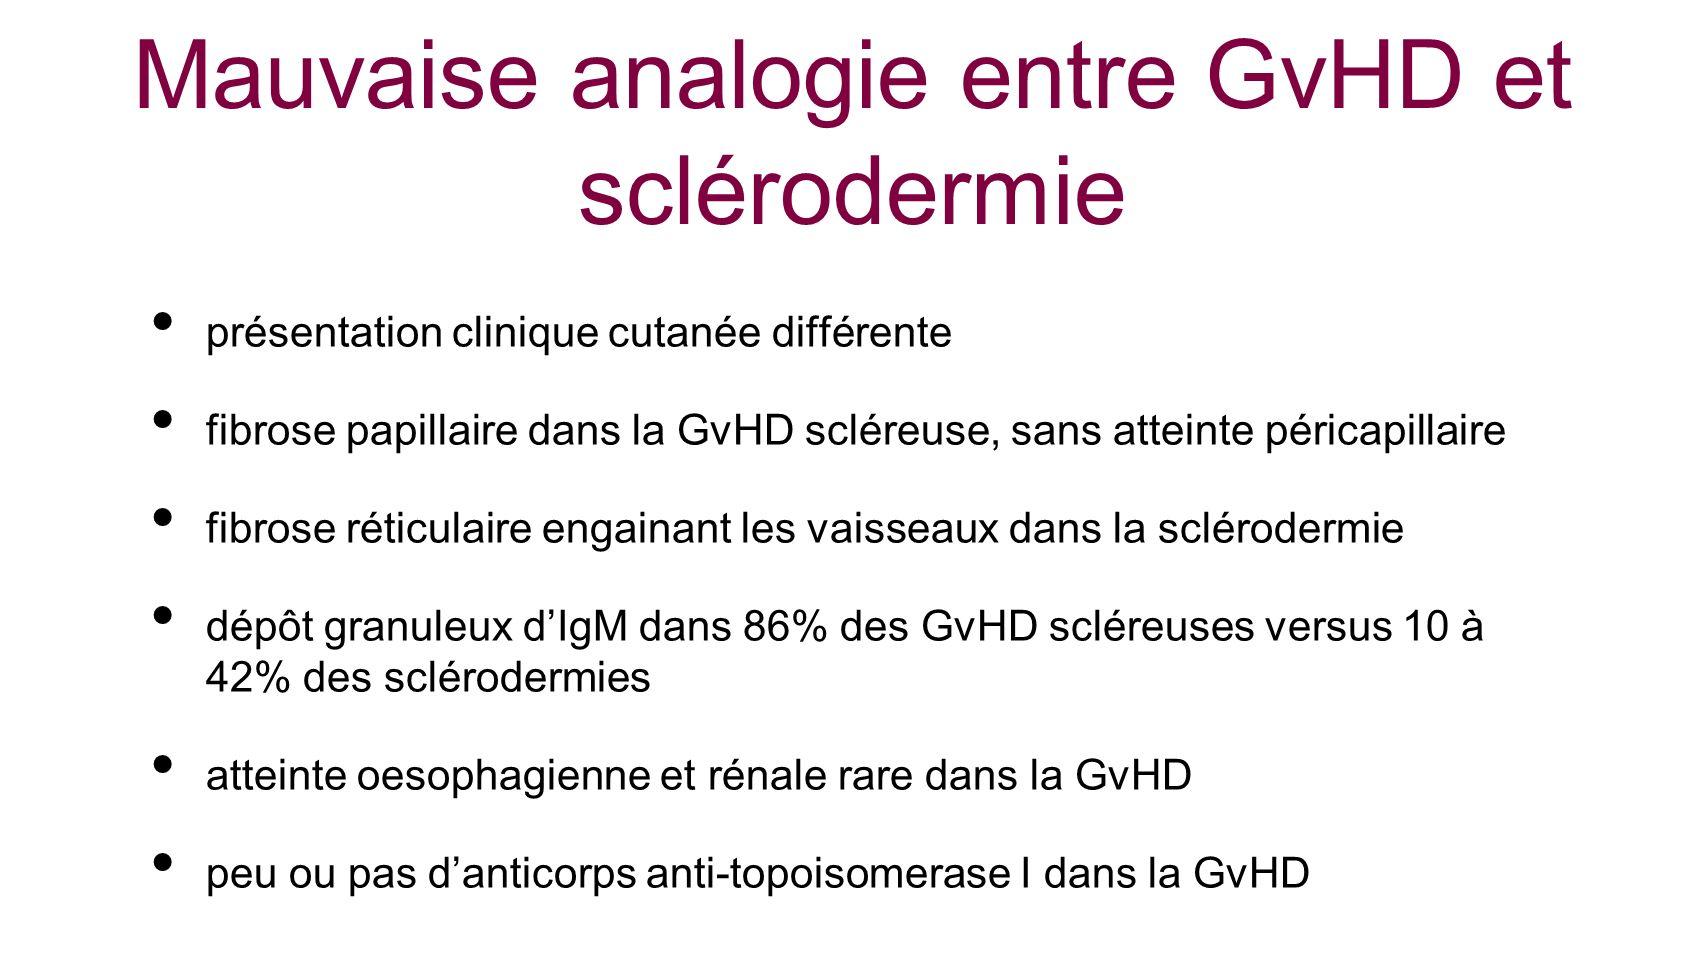 Mauvaise analogie entre GvHD et sclérodermie présentation clinique cutanée différente fibrose papillaire dans la GvHD scléreuse, sans atteinte péricap